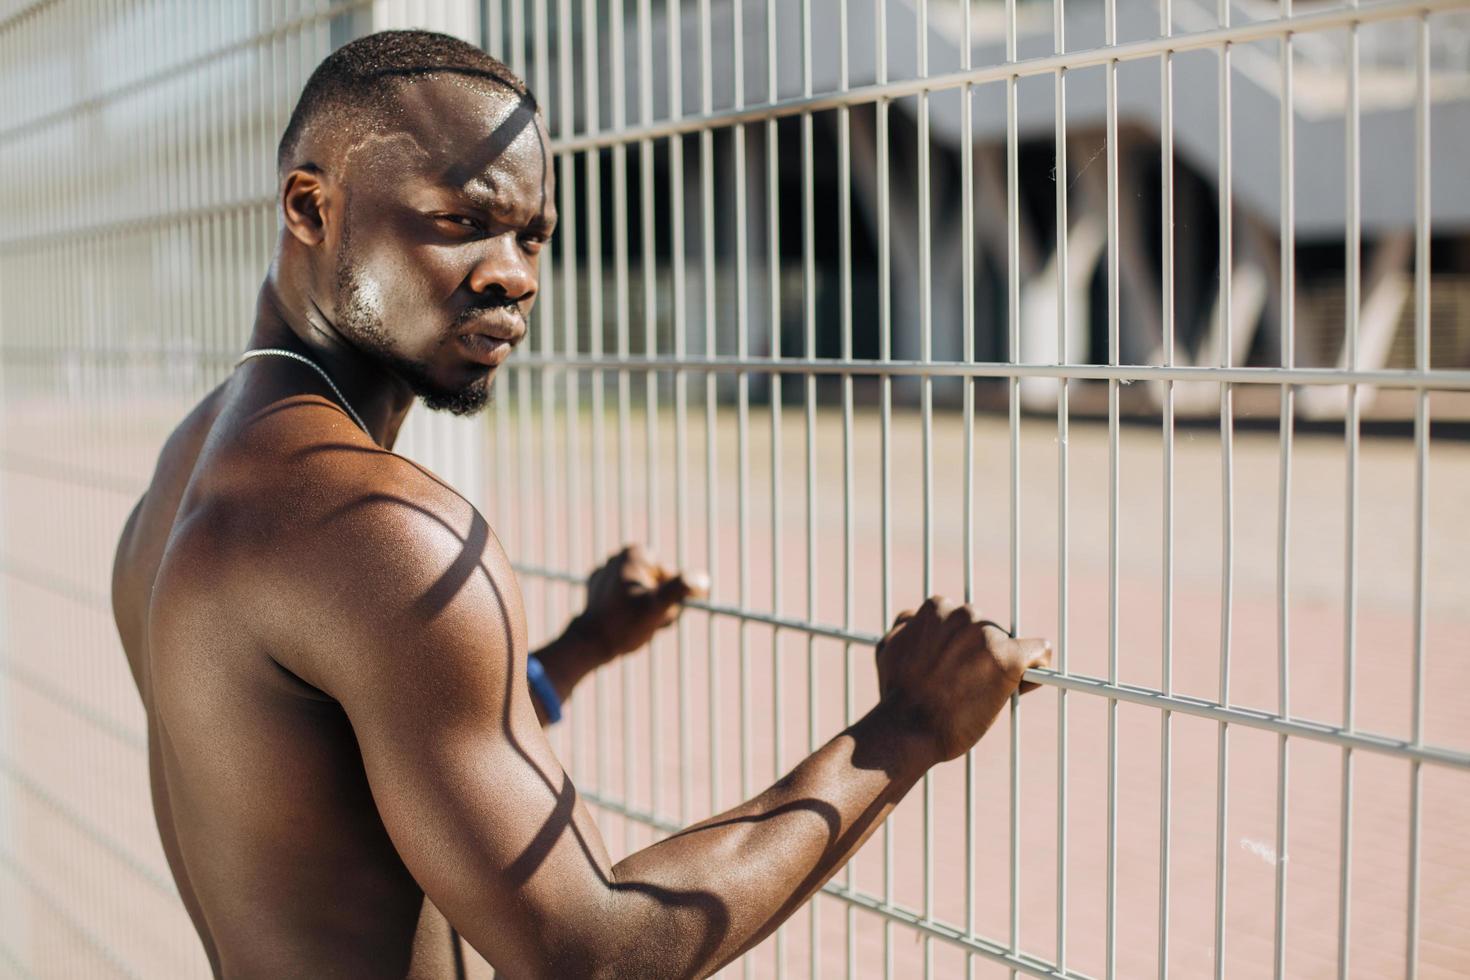 homme noir musclé par la clôture photo